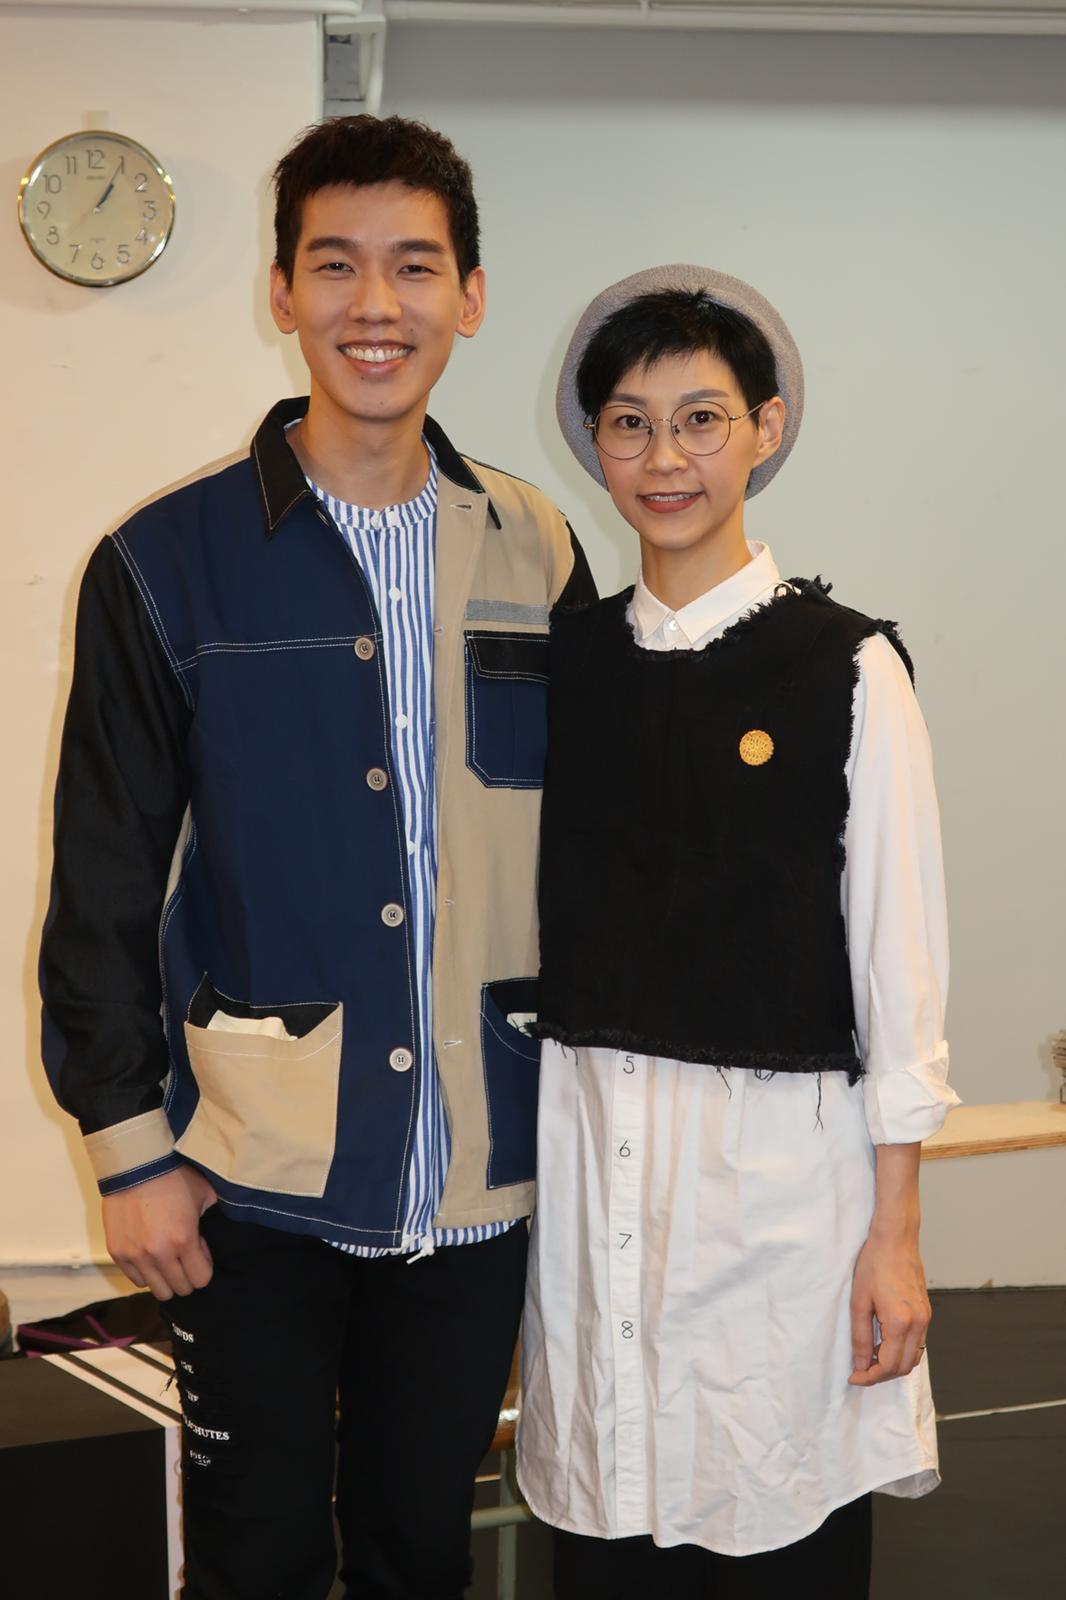 林奕匡與前電台DJ阿Wing合演的舞台劇《最好的時光》於本月底開鑼。